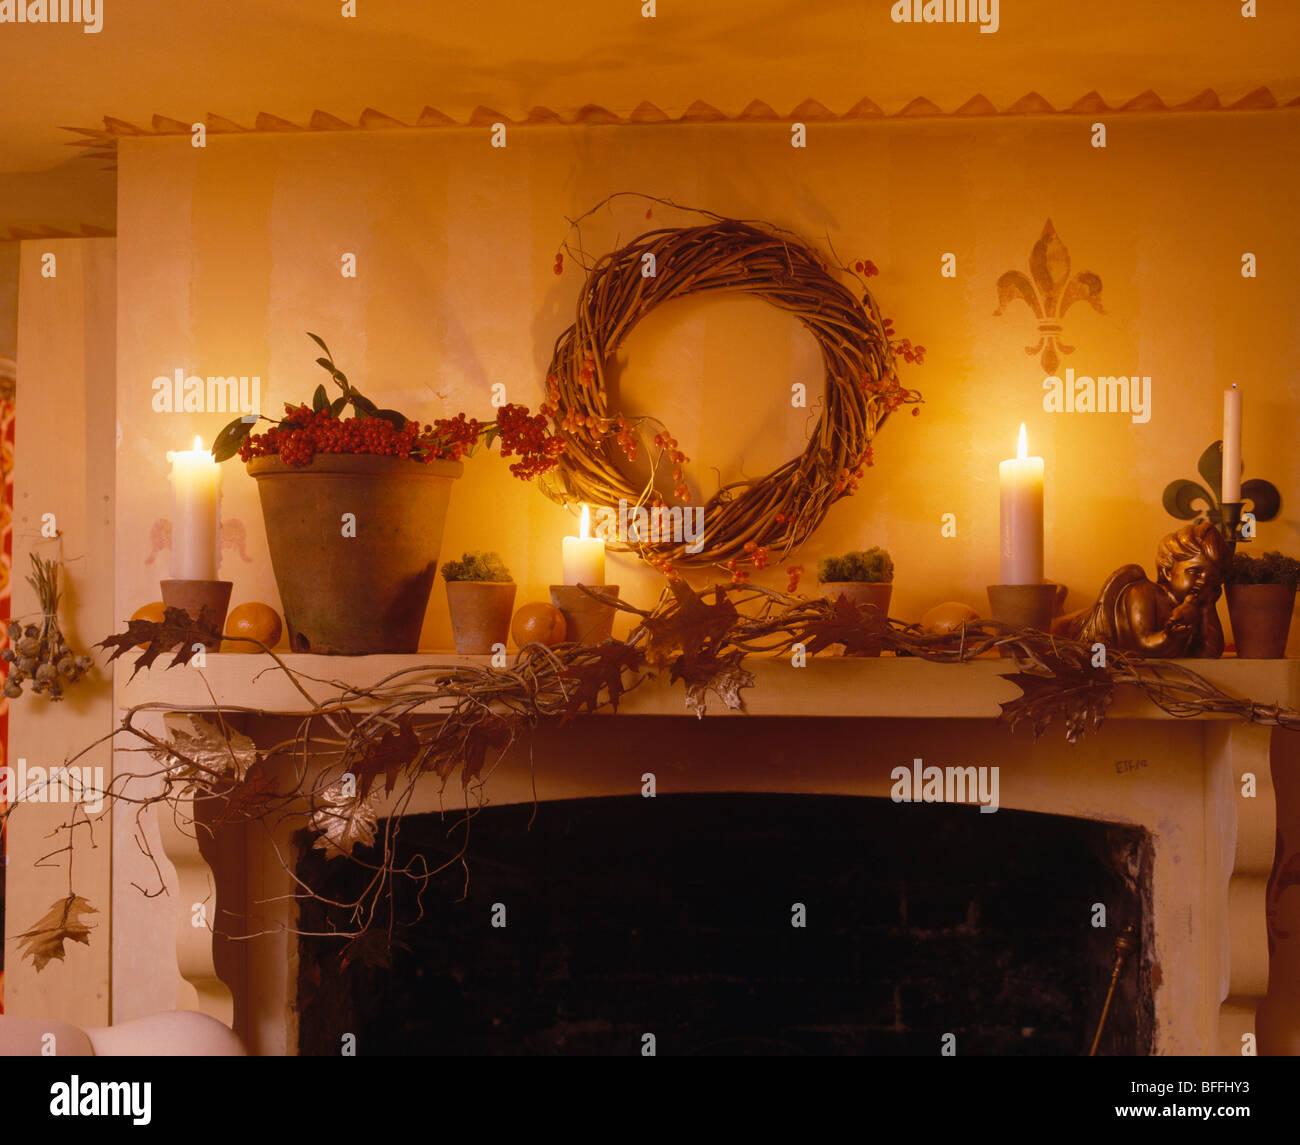 Kerzen Und Kranz Auf Kaminsims Dekoriert Für Weihnachten